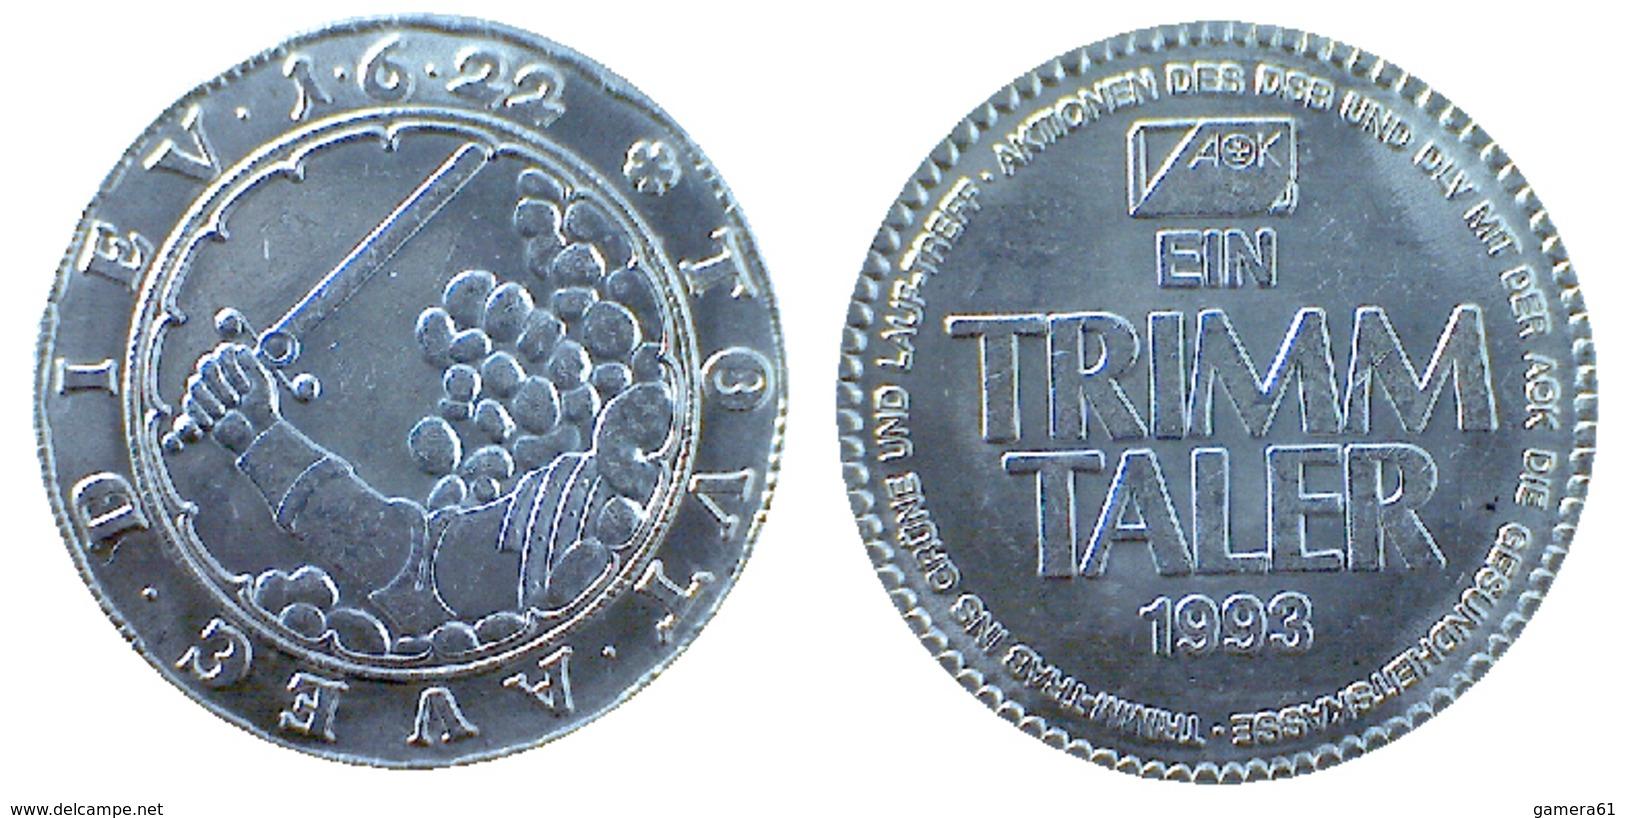 03387 GETTONE TOKEN JETON  COMMEMORATIVE TRIMM TALER DIEV TOUT AUEG 1993 - Allemagne